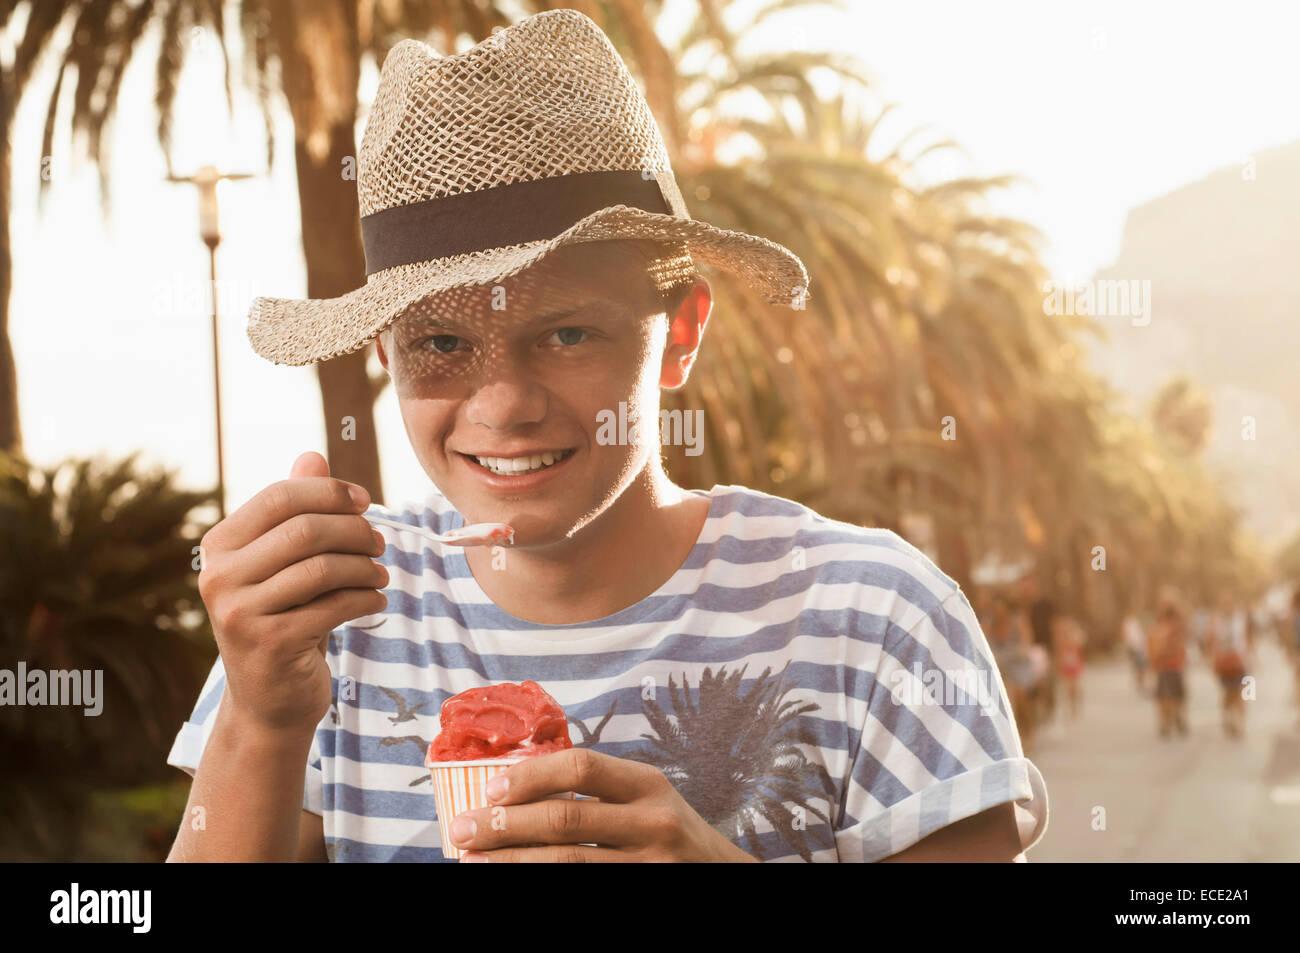 Urlaub Teenager Sonnenuntergang essen Eis Sommer Stockbild